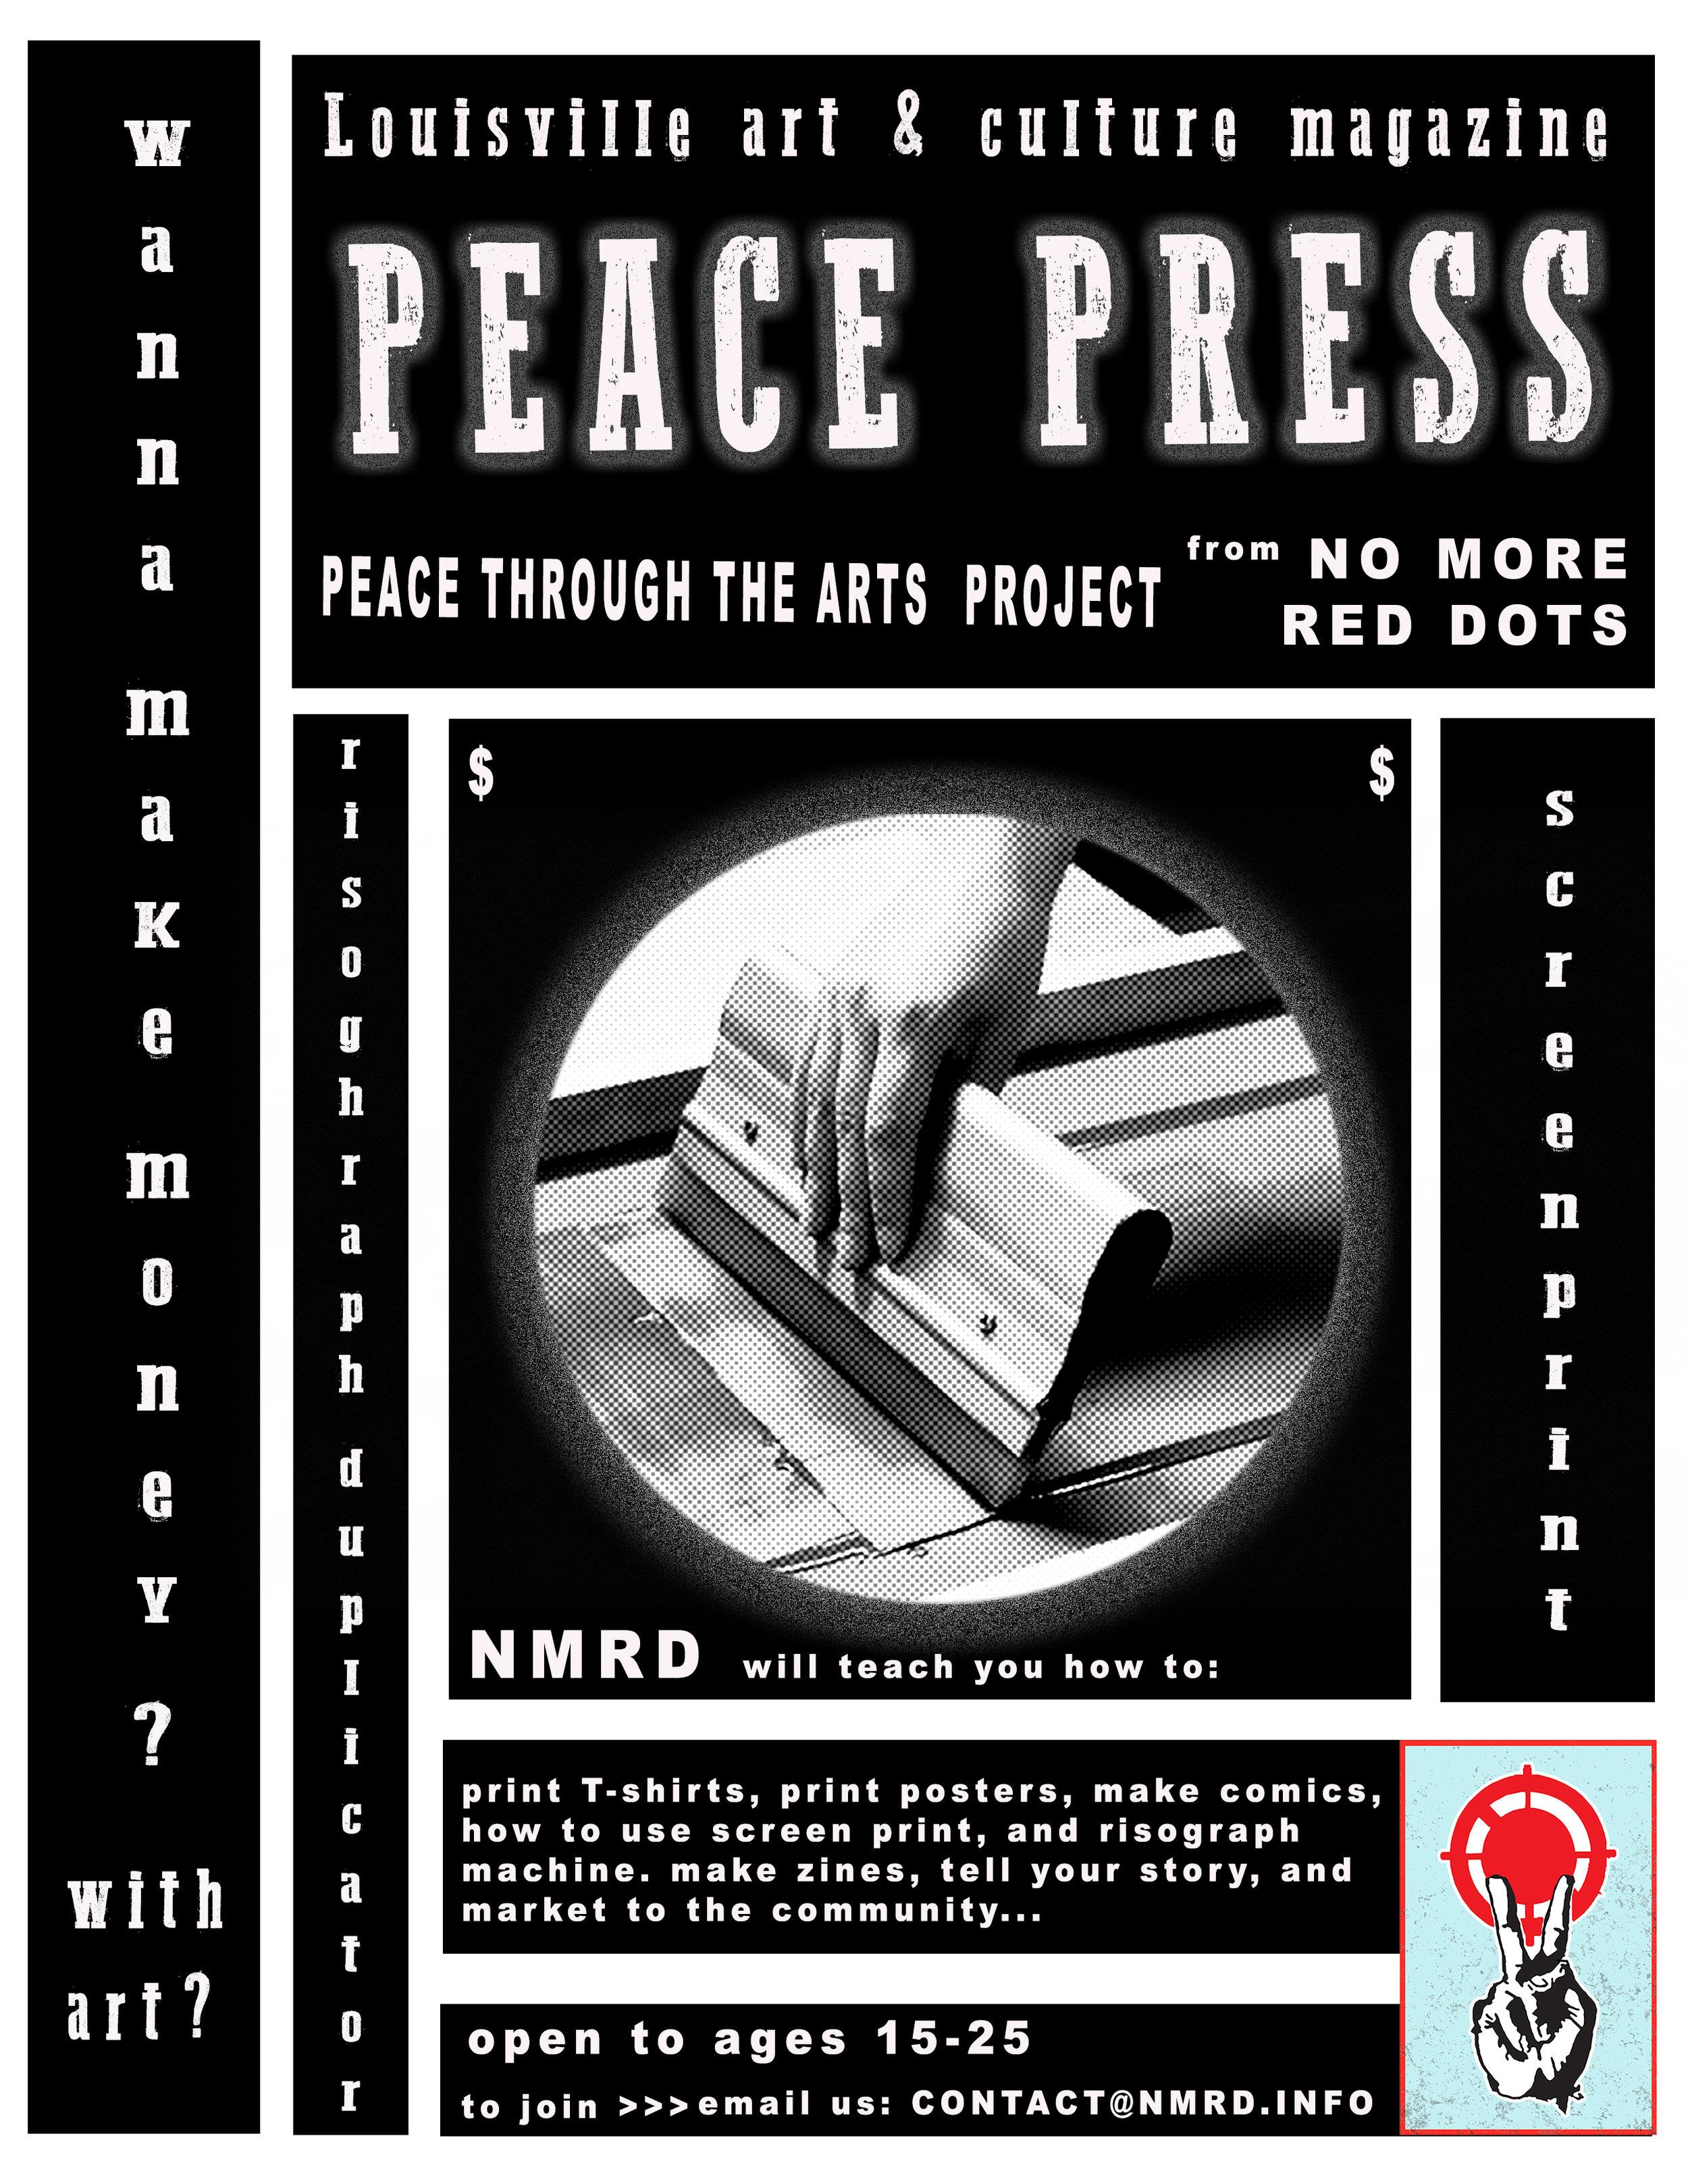 peacepress_nmrd